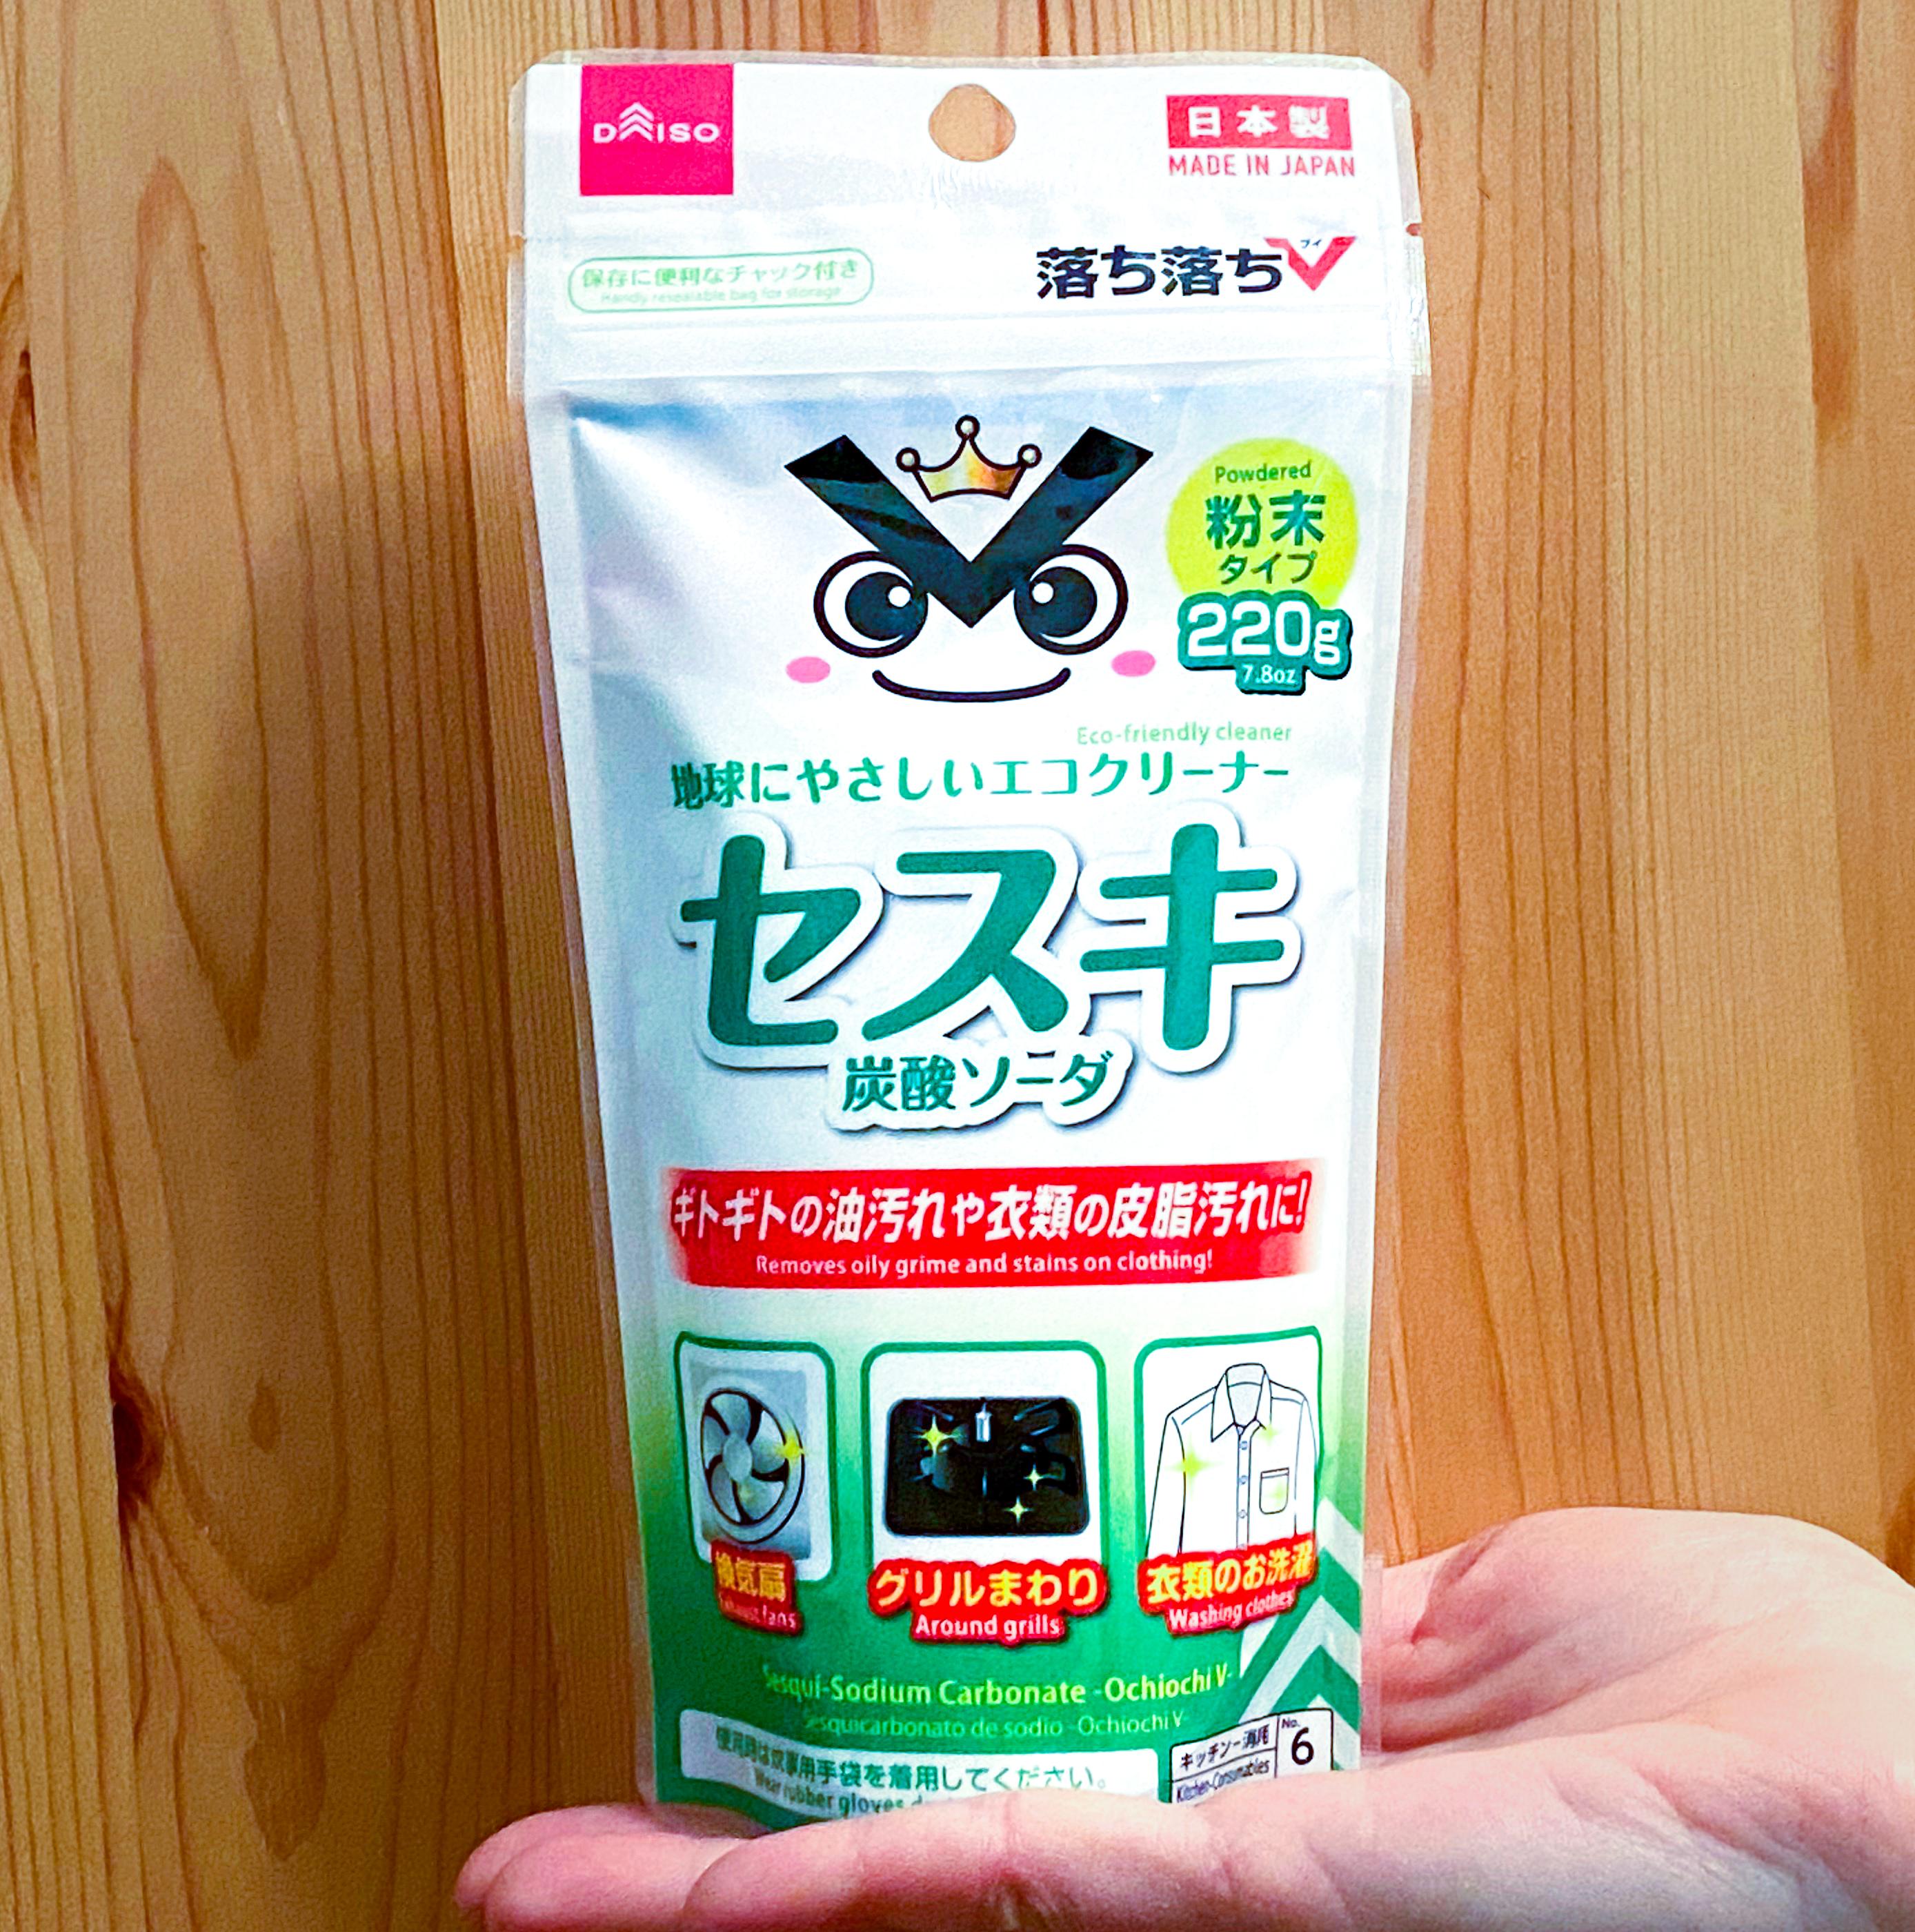 「セスキ炭酸ソーダ」商品写真